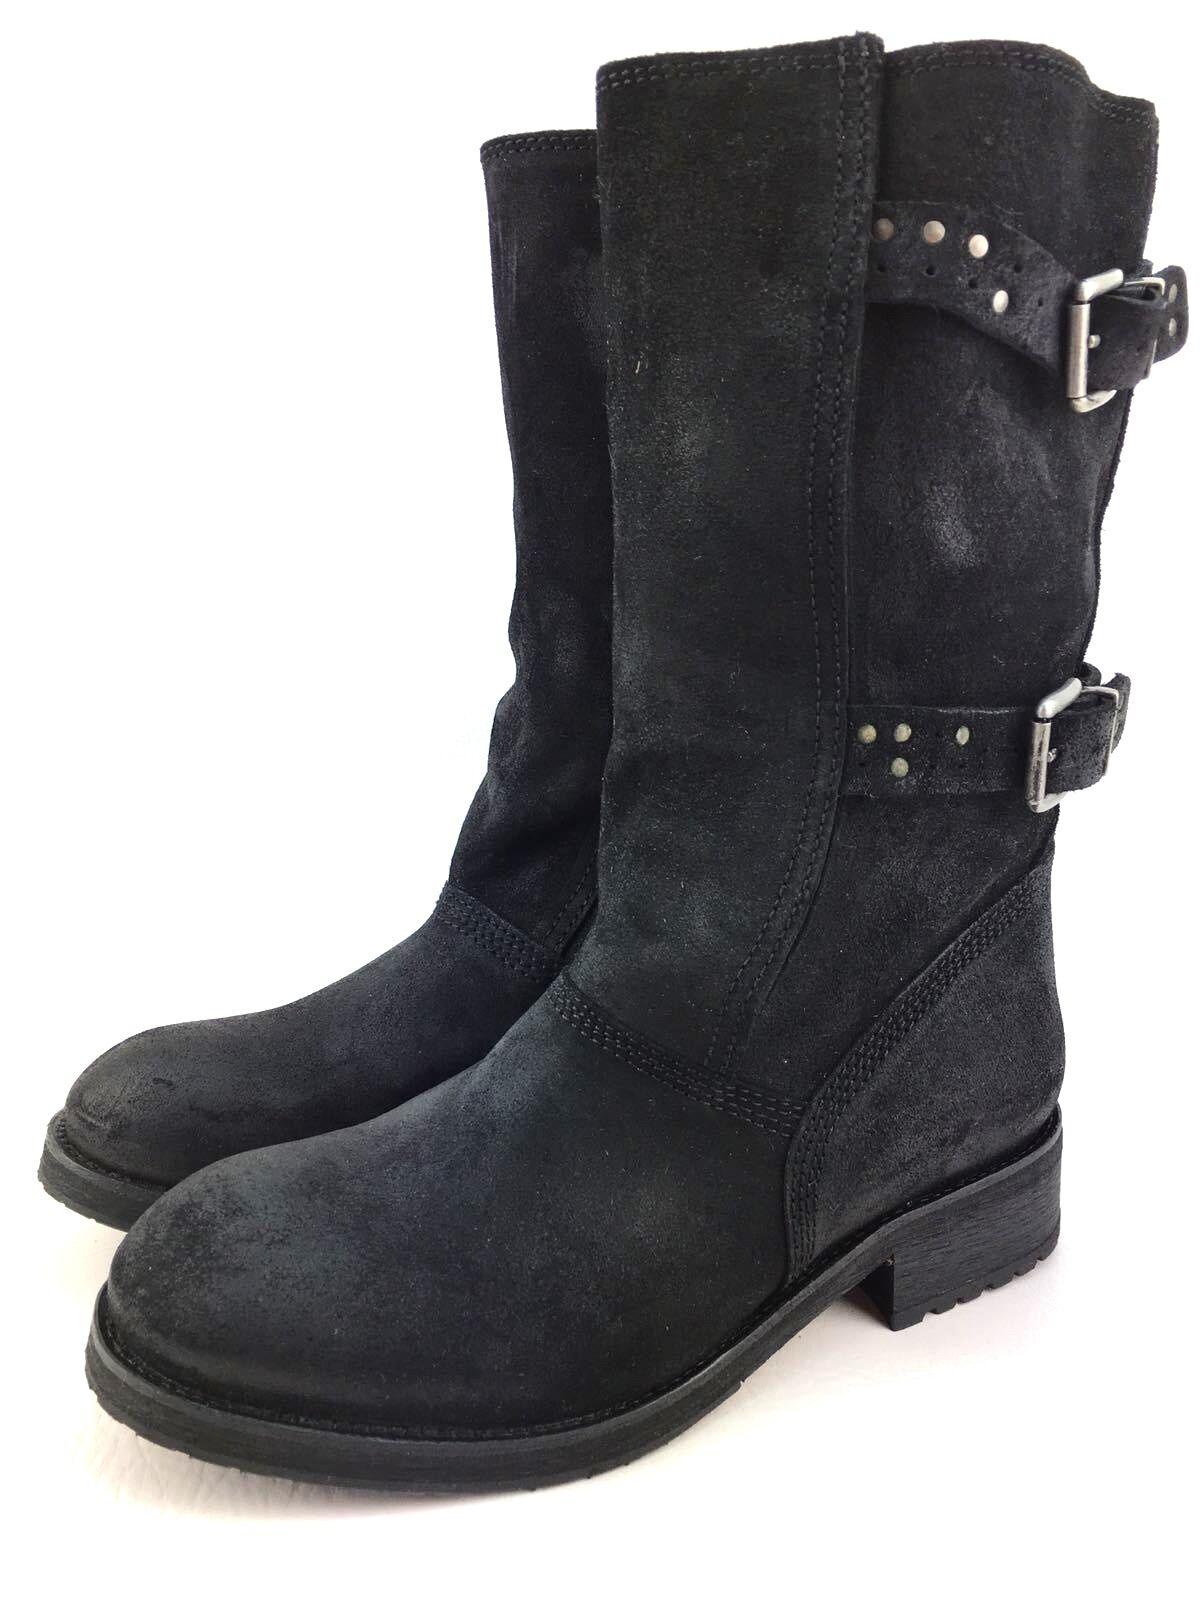 Diesel Roxy roll siouxy Woman y00771 pr276 t8013 señora botas botas motorista nuevo